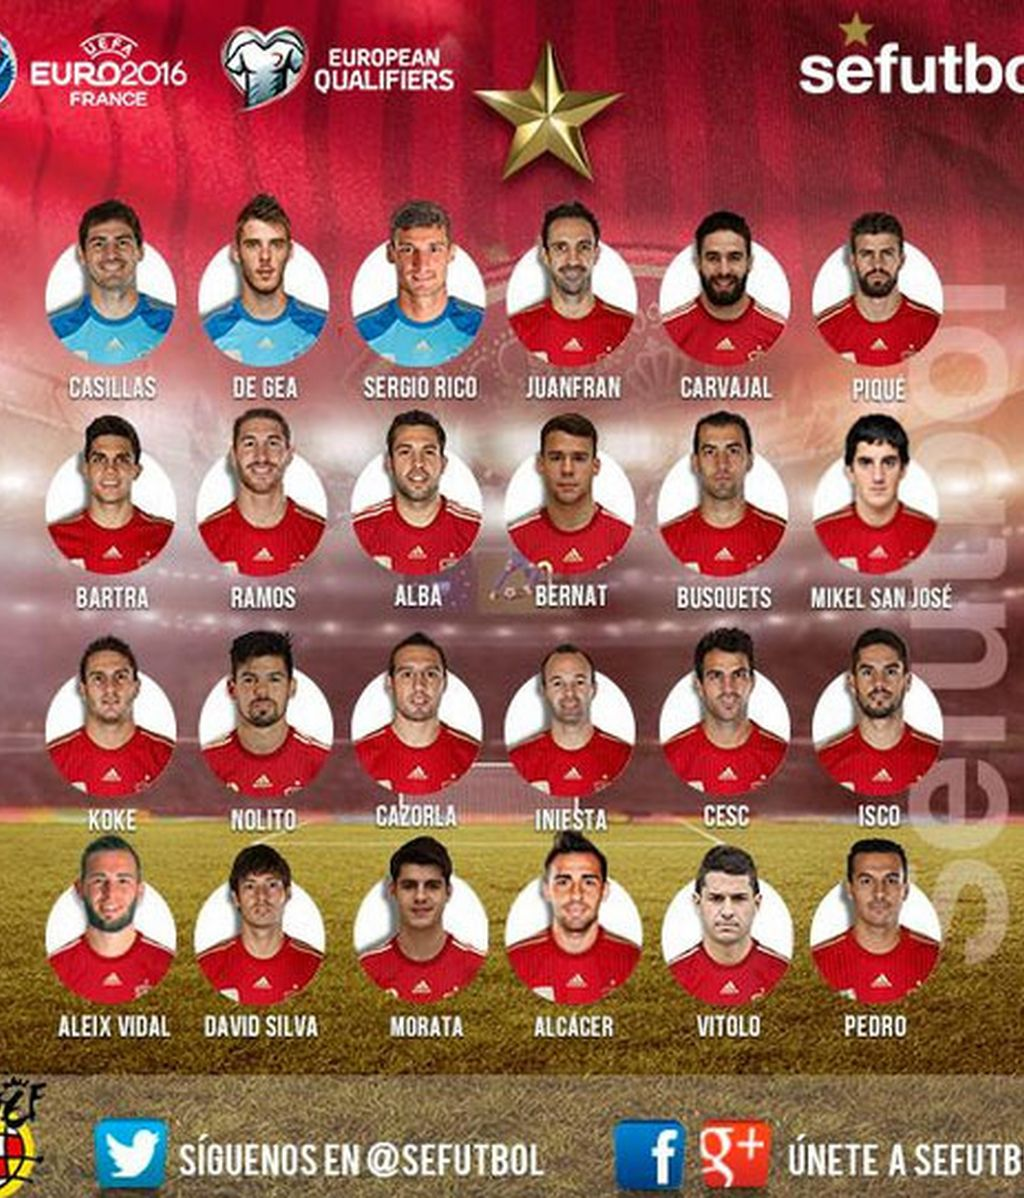 La Roja, Vicente Del Bosque, Aleix Vidal